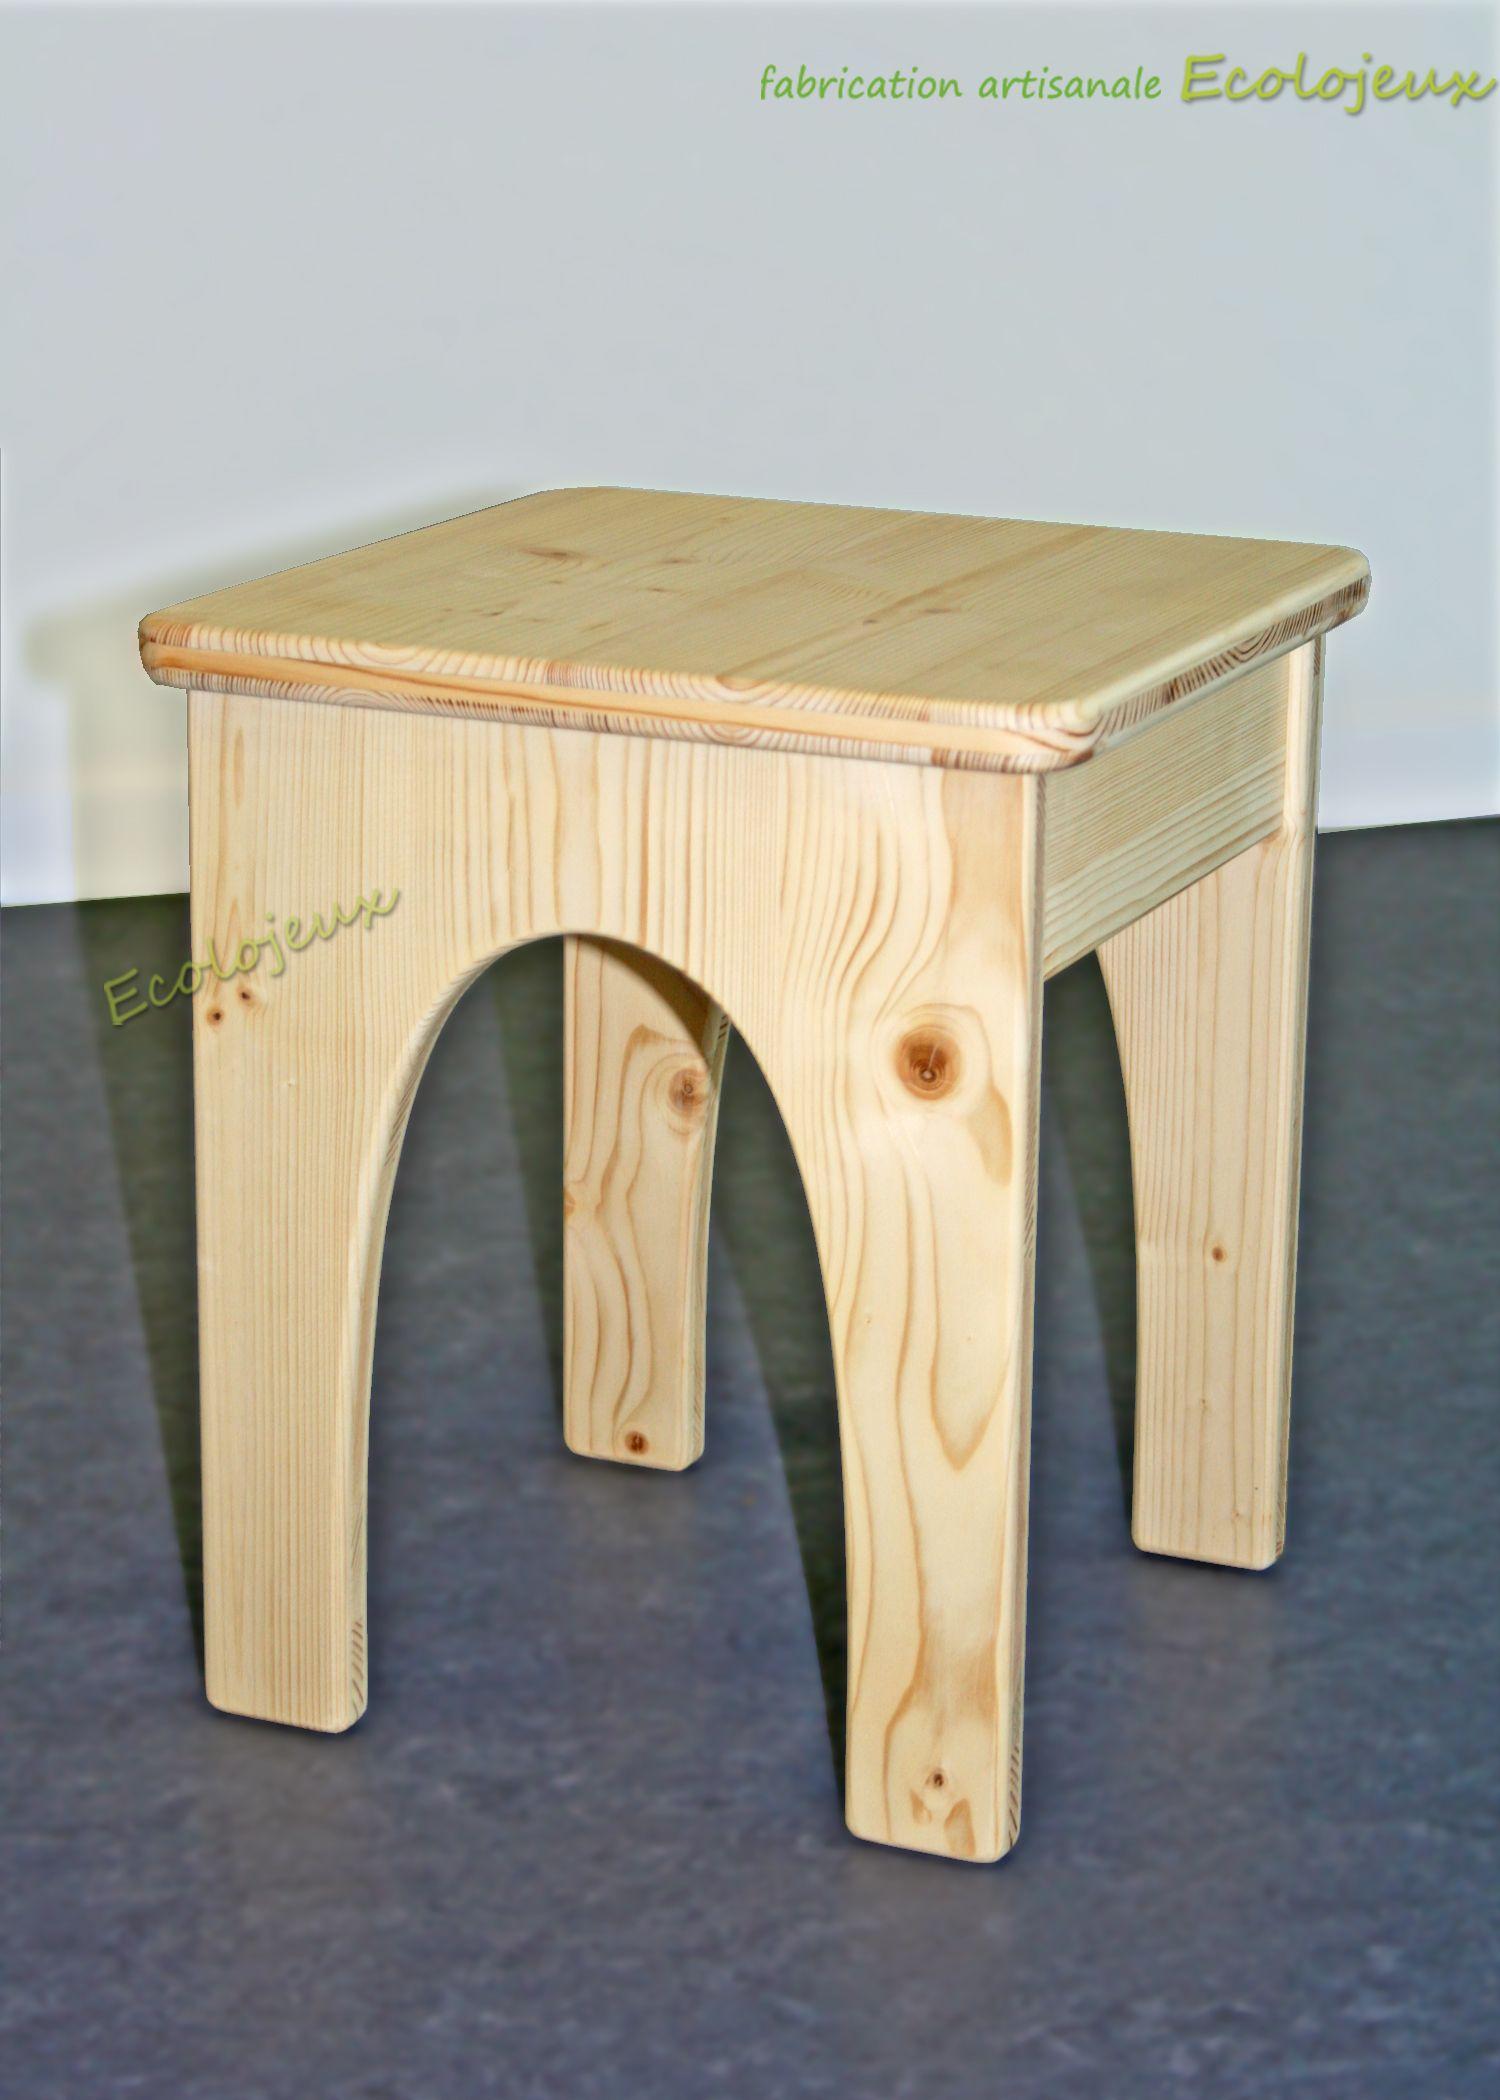 Tabouret bois Ecolojeux : Mobilier sur mesure. Fabrication ...